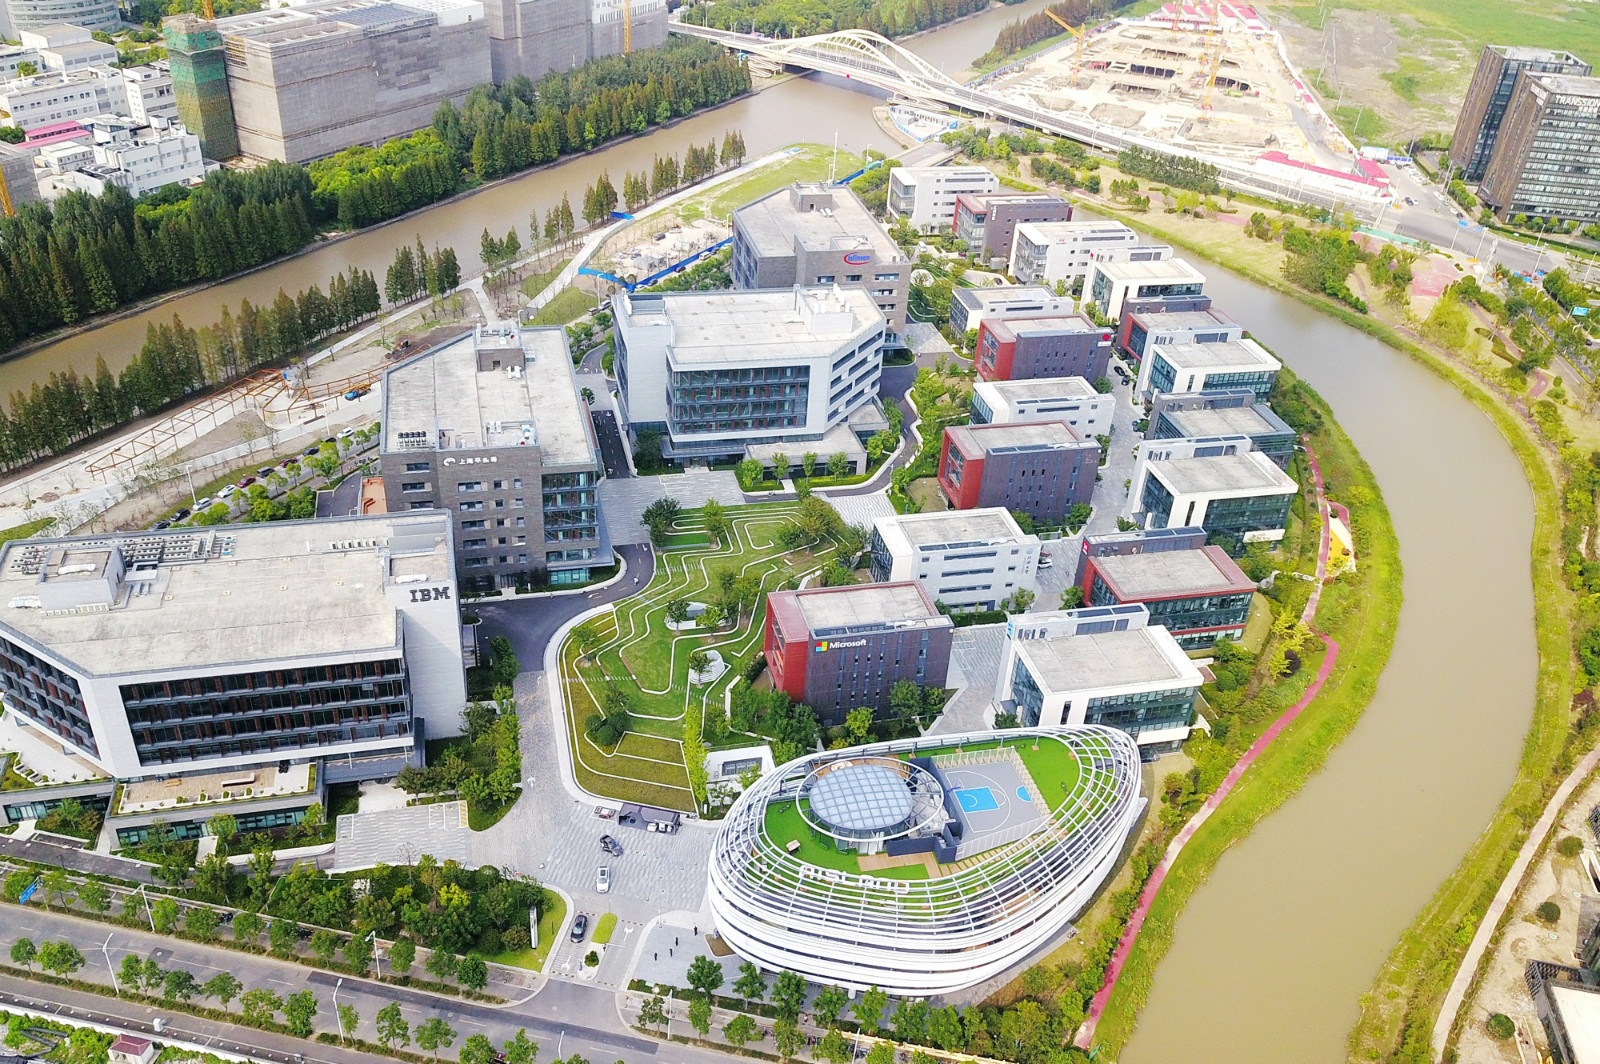 李国华委员:建议在张江科学城建设国家细胞产业发展与监管试验区